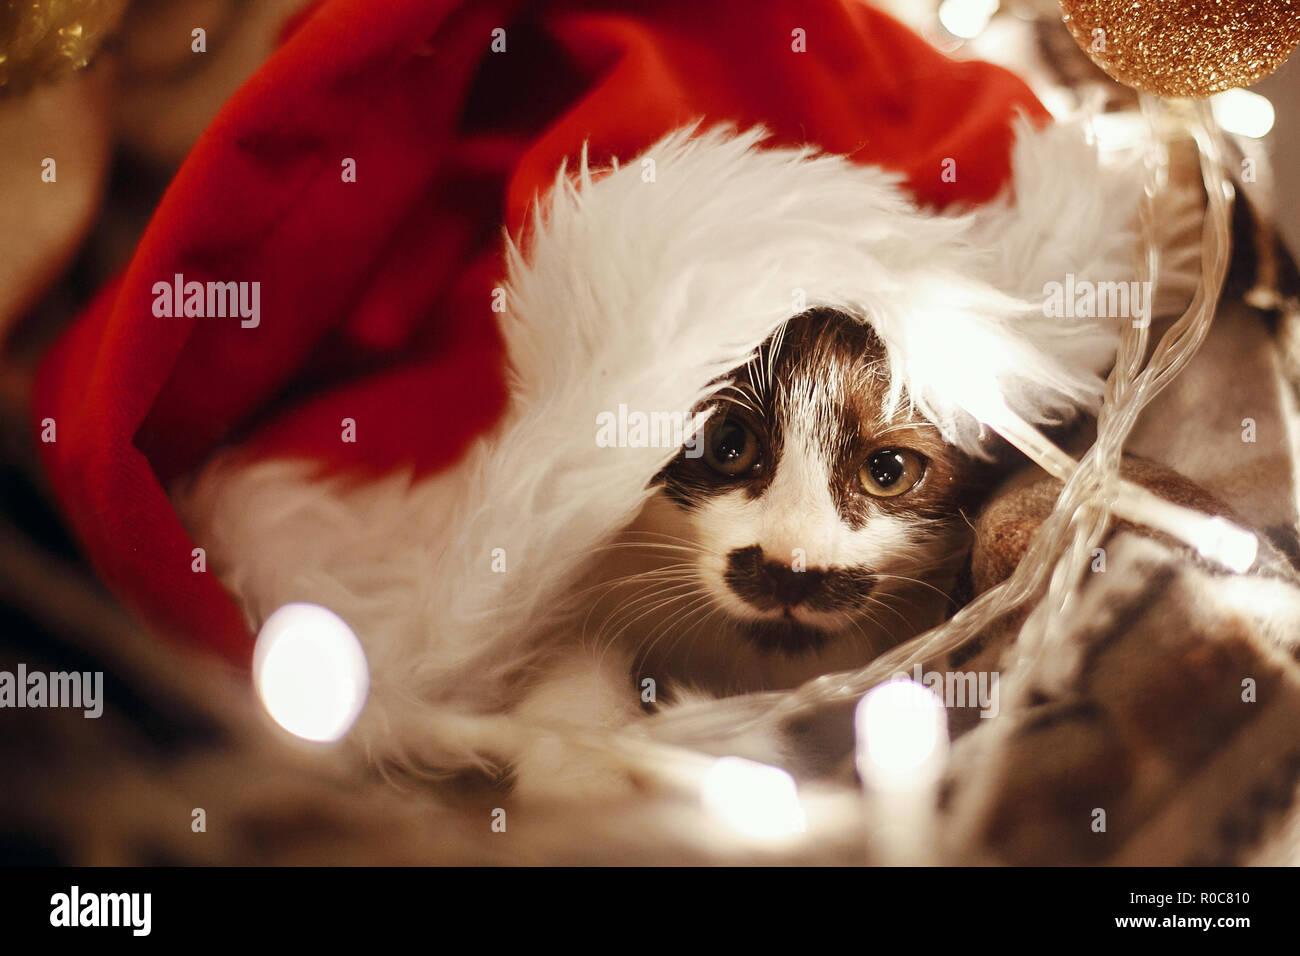 Cute Kitty in Santa hat im Korb sitzen mit Lichtern und Ornamente unter Weihnachtsbaum in festlichem Zimmer. Frohe Weihnachten Konzept. Adorable lustig Kitt Stockbild